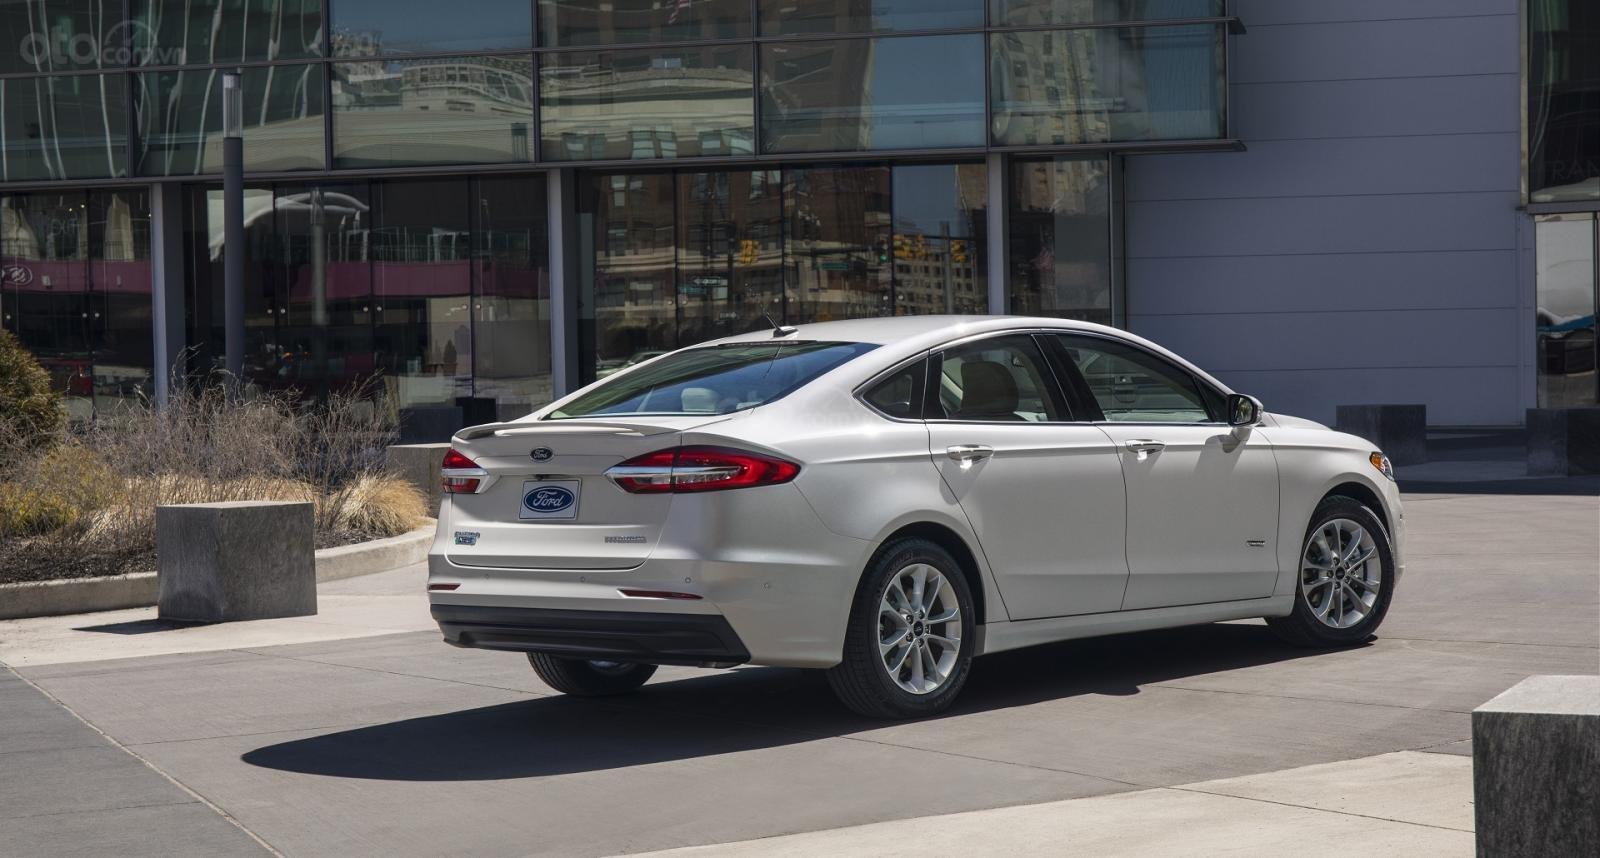 Ưu nhược điểm xe Ford Fusion 2019 - Tự do đặt hạn mức